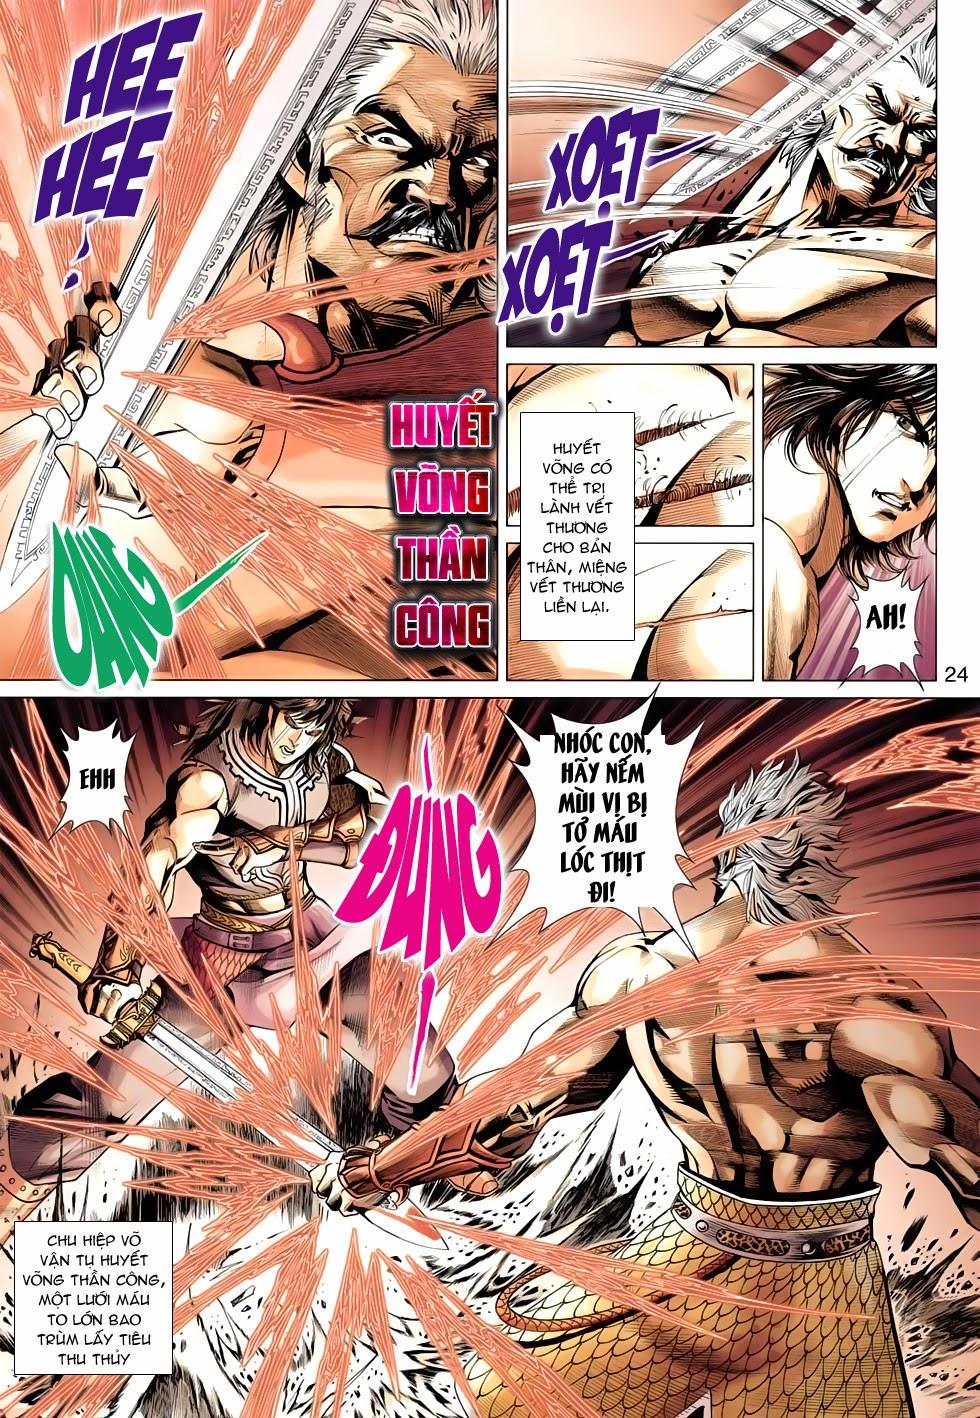 Thần Châu Kỳ Hiệp chap 32 – End Trang 24 - Mangak.info